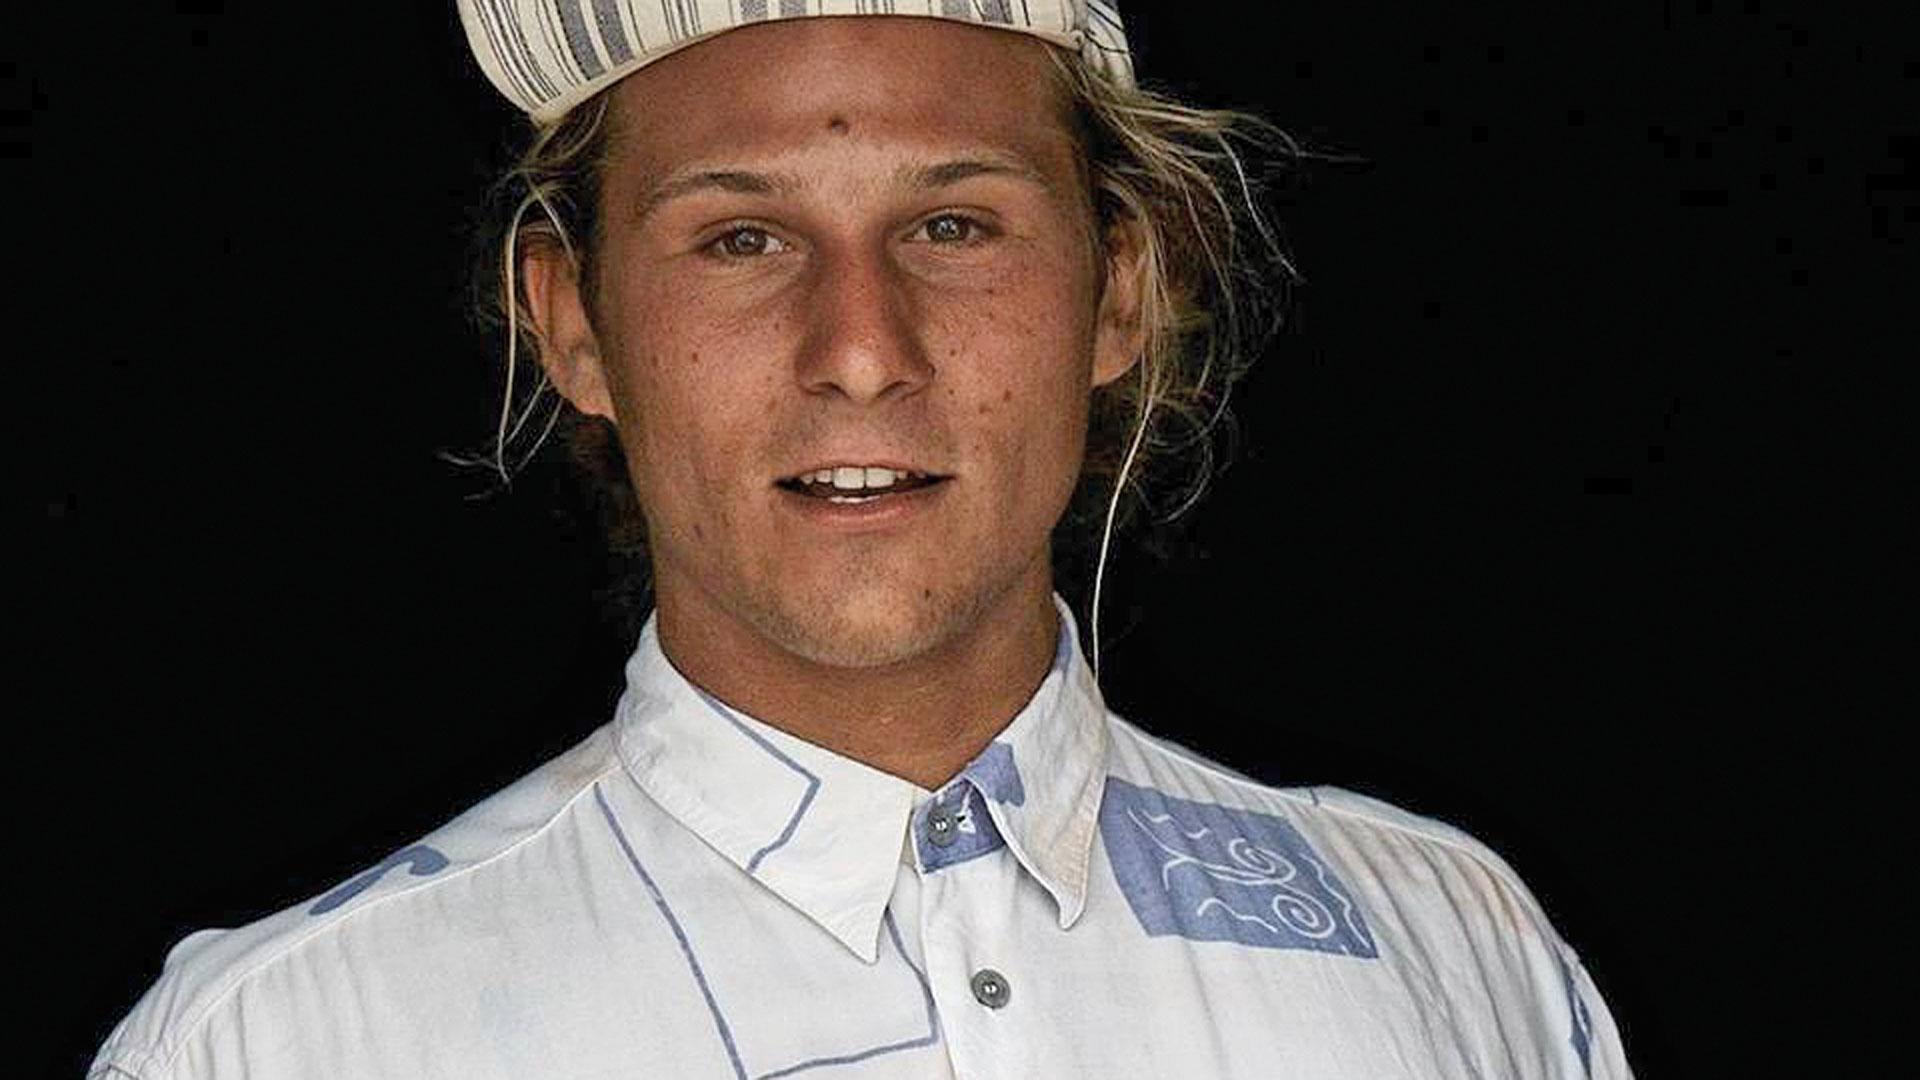 """Elias Gafafer ist 1993 geboren. Der Kaufmann hat sich während seines Studiums am Hillsong College in Australien in das Surfen verliebt und hat bereits als Surflehrer gearbeitet. """"Mein Herz schlägt für Menschen in Armut in Afrika und ich habe den Wunsch, ein Teil ihrer Gesellschaft zu werden."""" Er wird für zwei Jahre in den Senegal übersiedeln, um vor Ort als Surflehrer und Koordinator das gemeinsame Projekt voran zu bringen."""